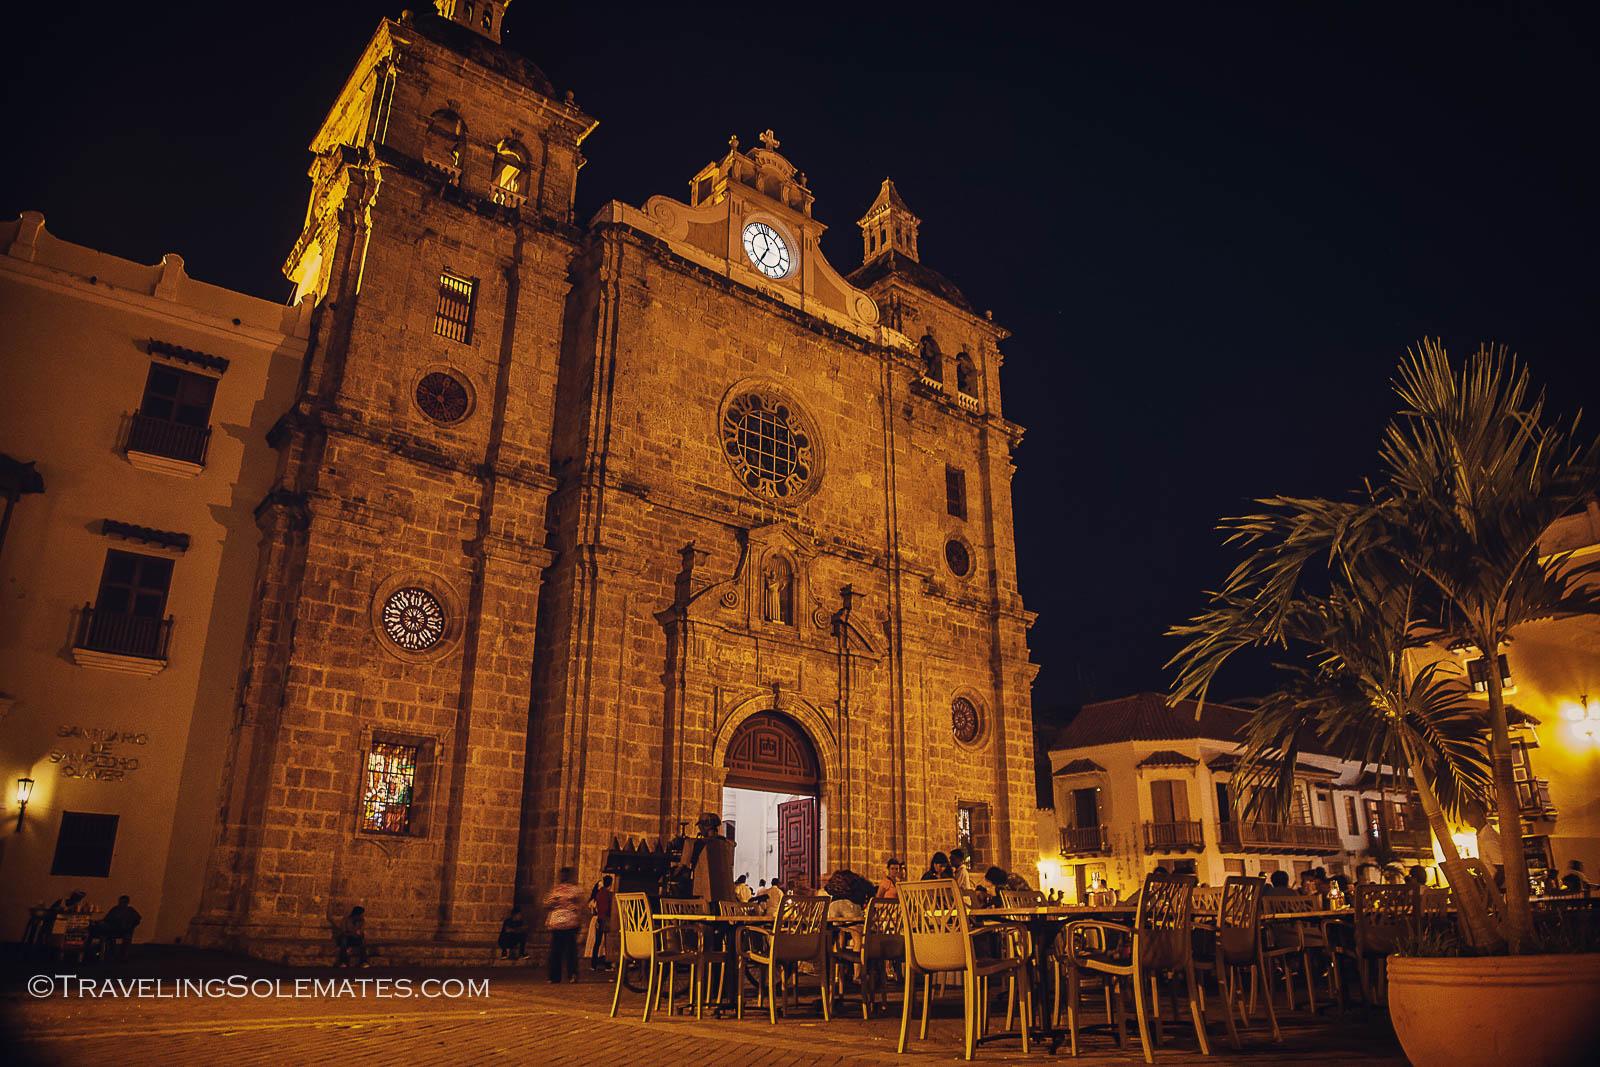 San Pedro Claver Church, Old Cartagena, Colombia